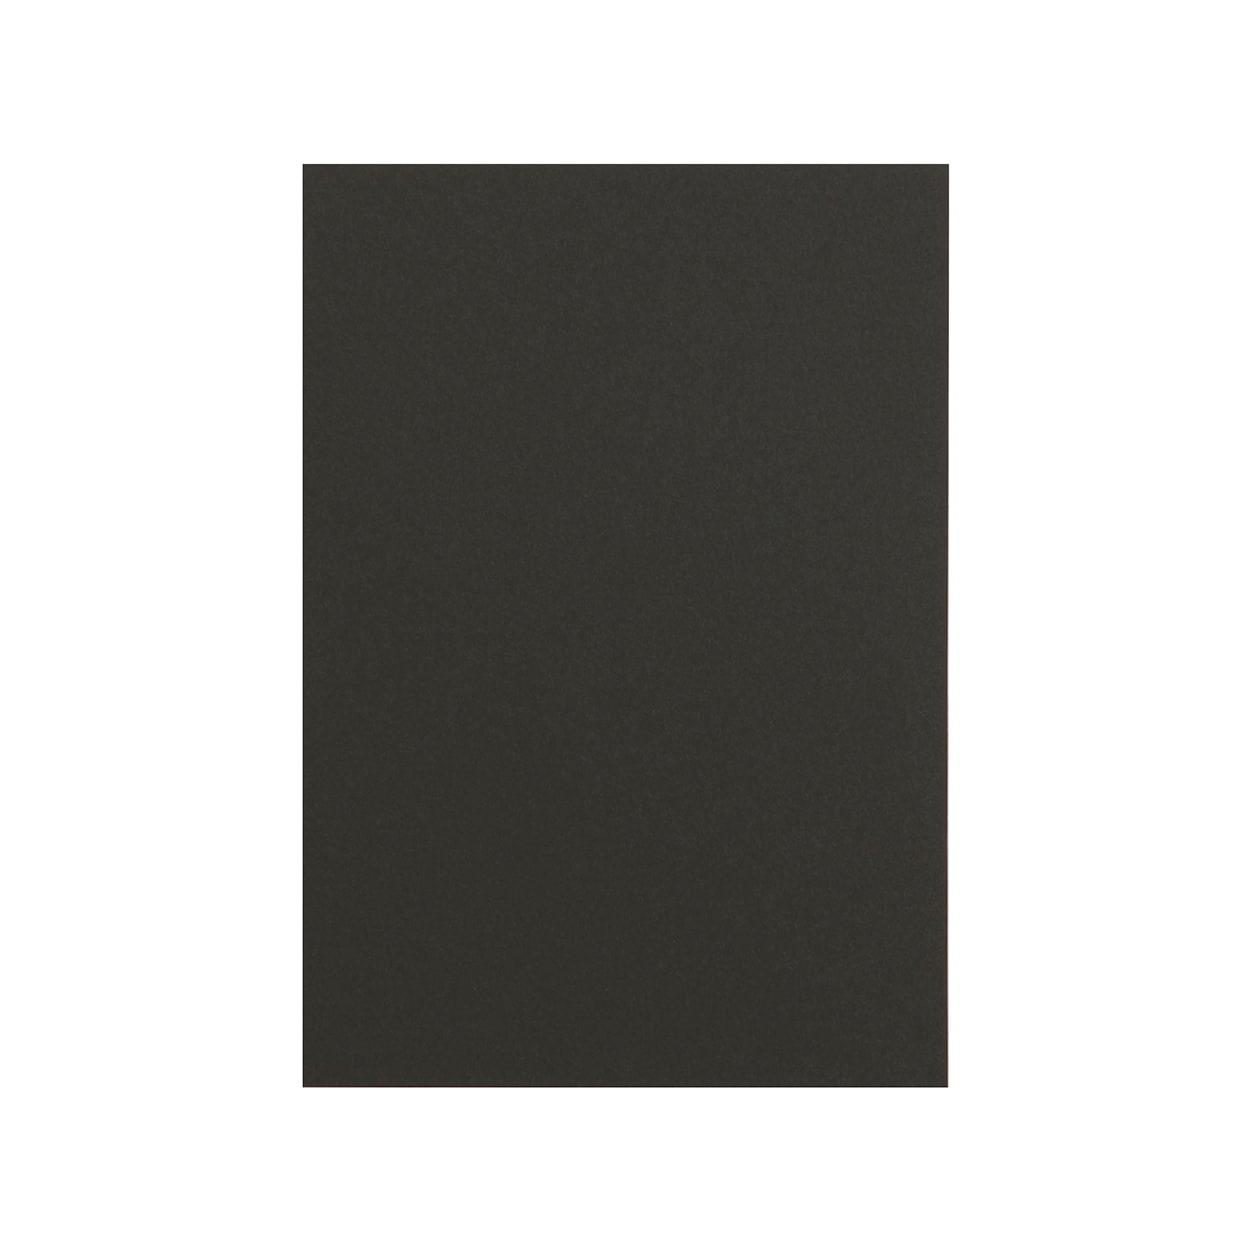 Pカード コットン(NTラシャ) 黒 151.2g